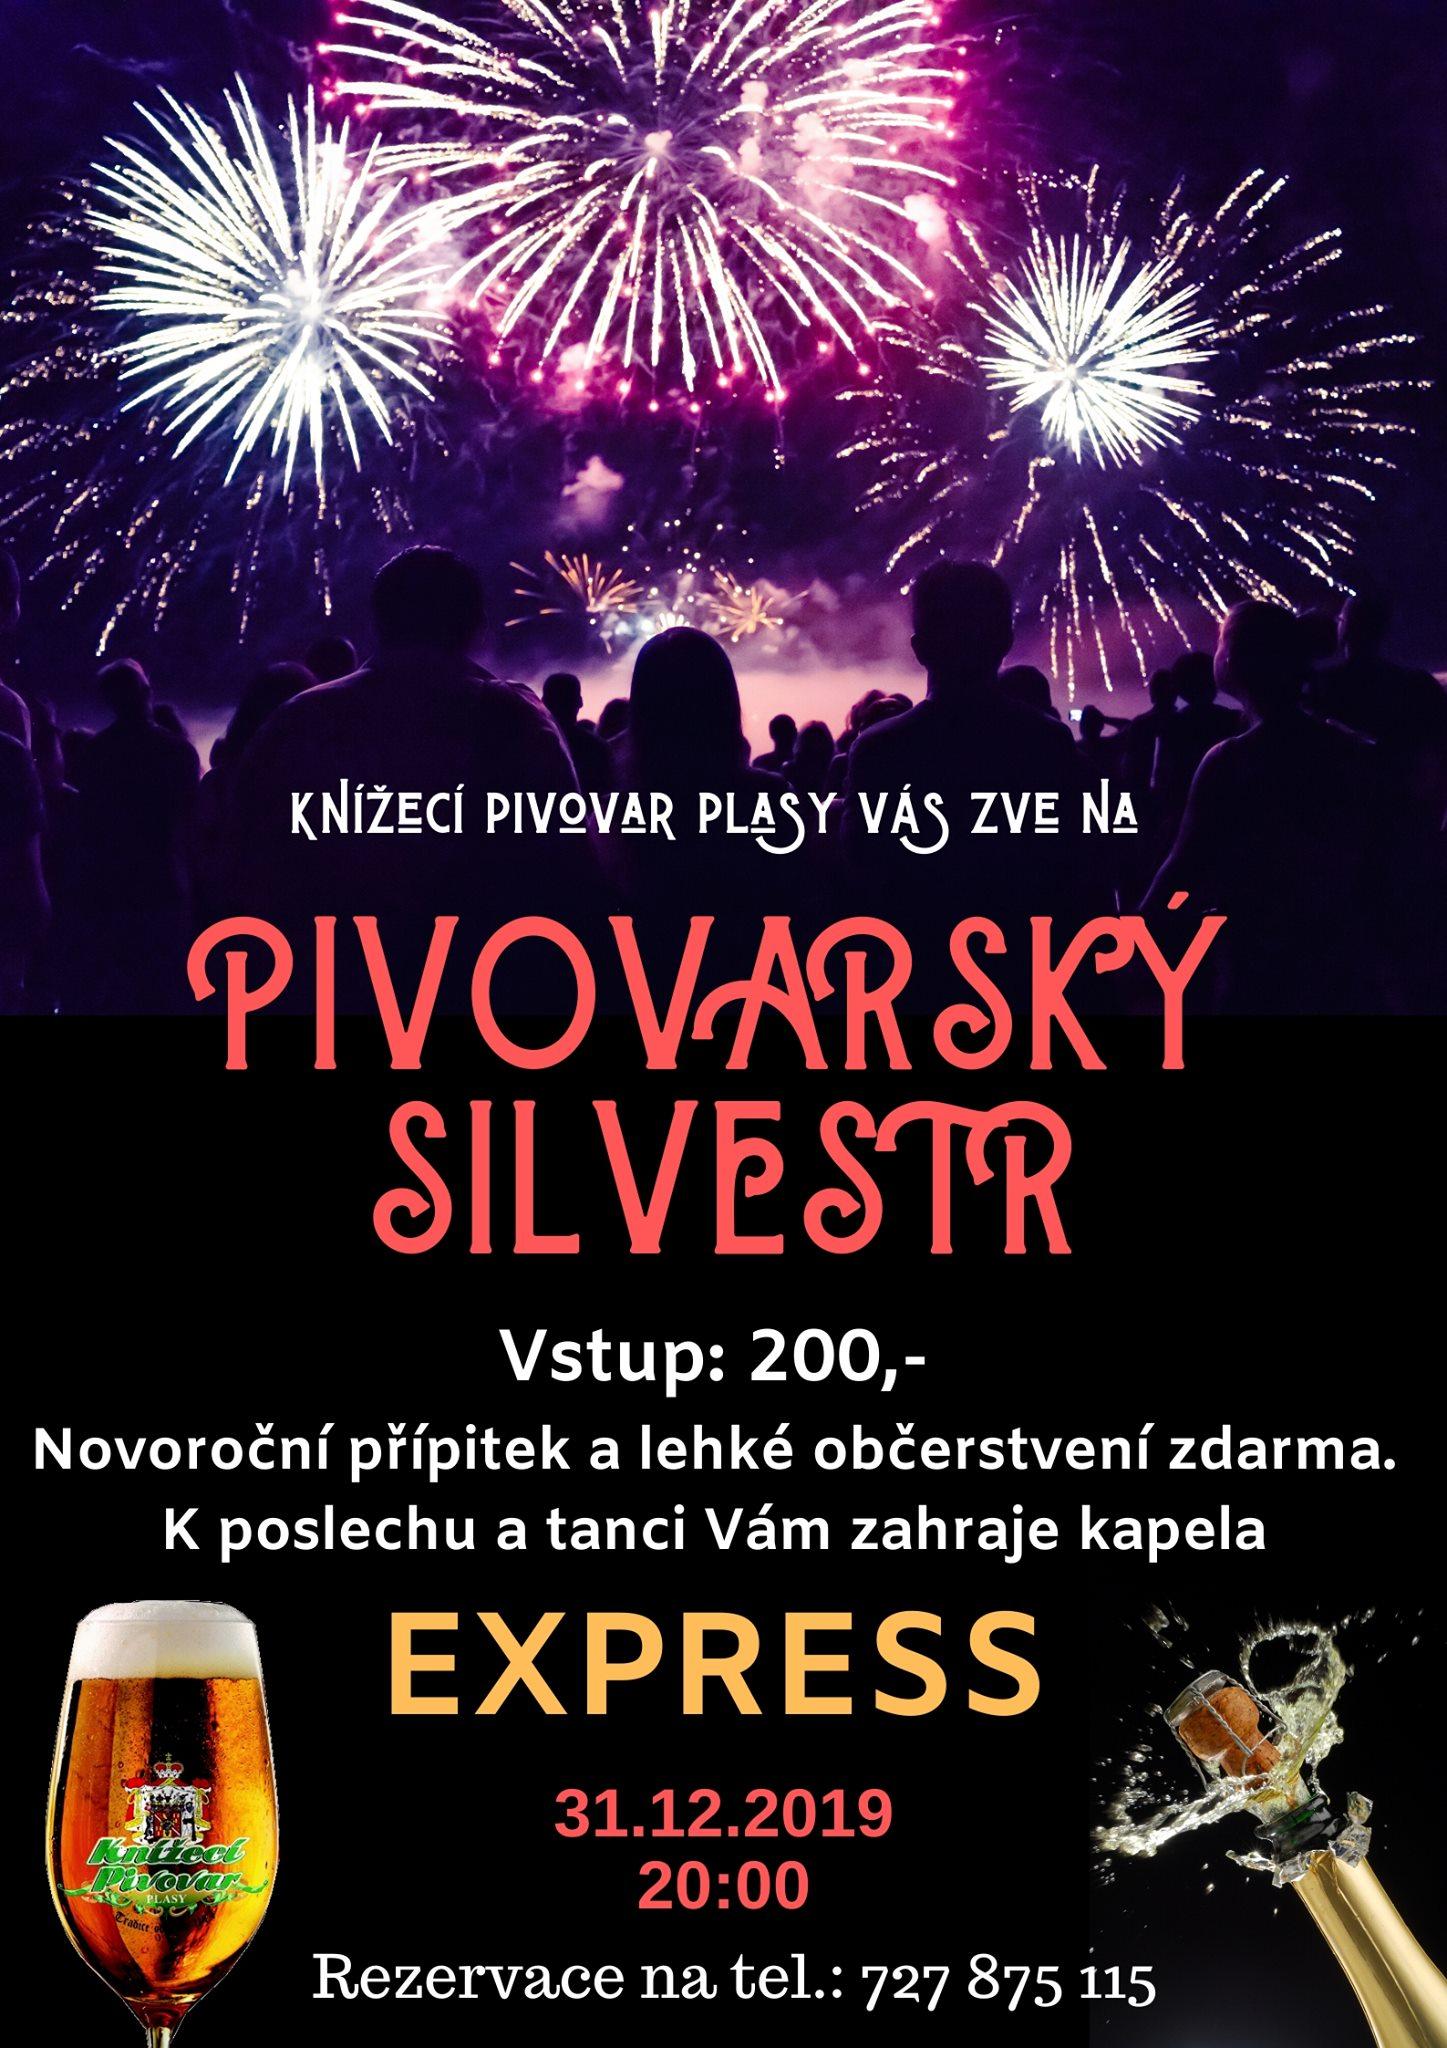 pivovari-pivovary-pivni-akce-pivovarsky-silvestr-plasy-2019-2020